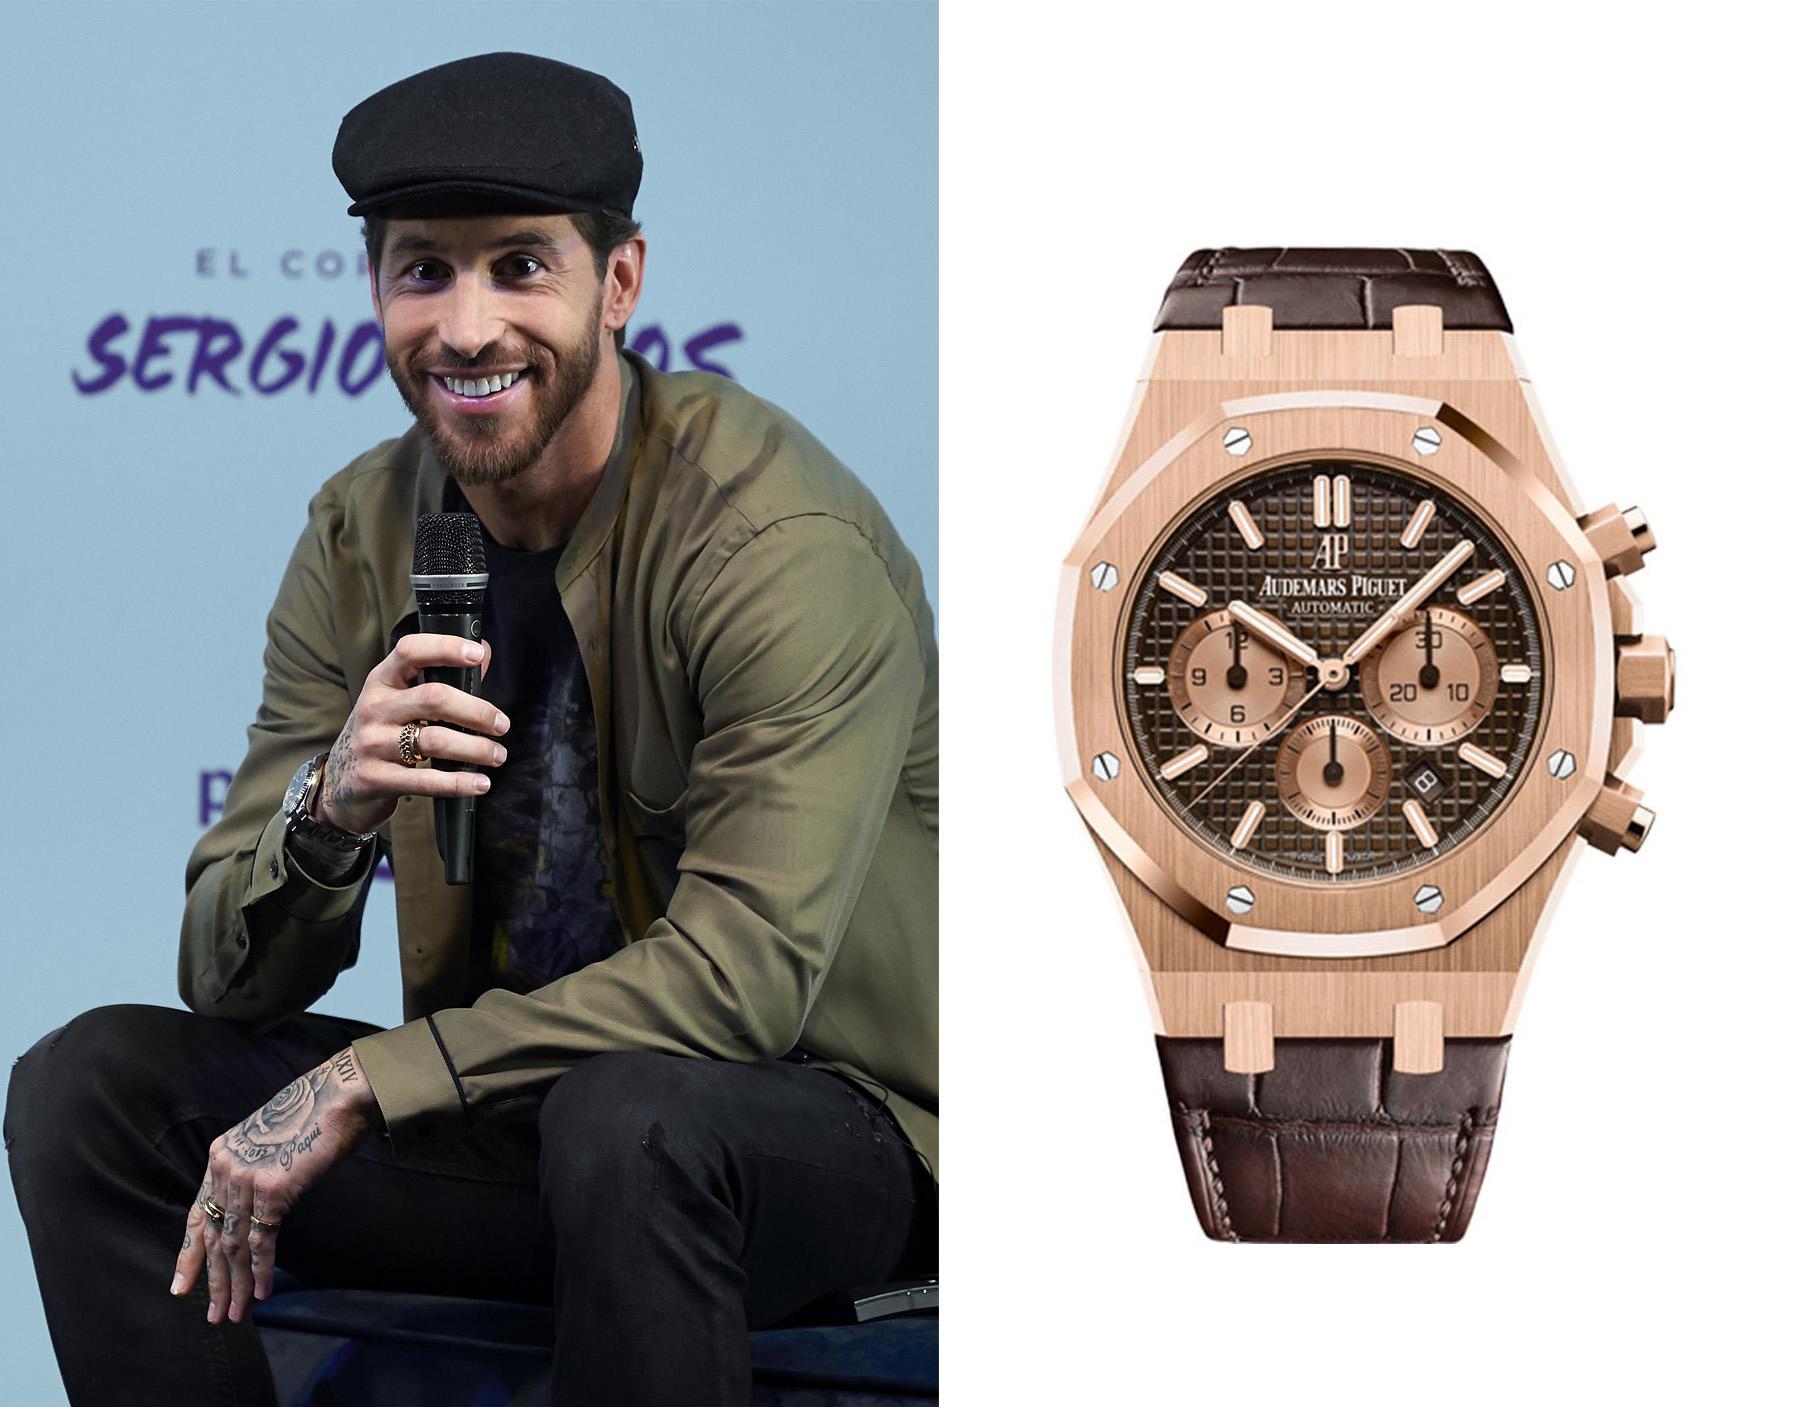 Reloj de Sergio Ramos.